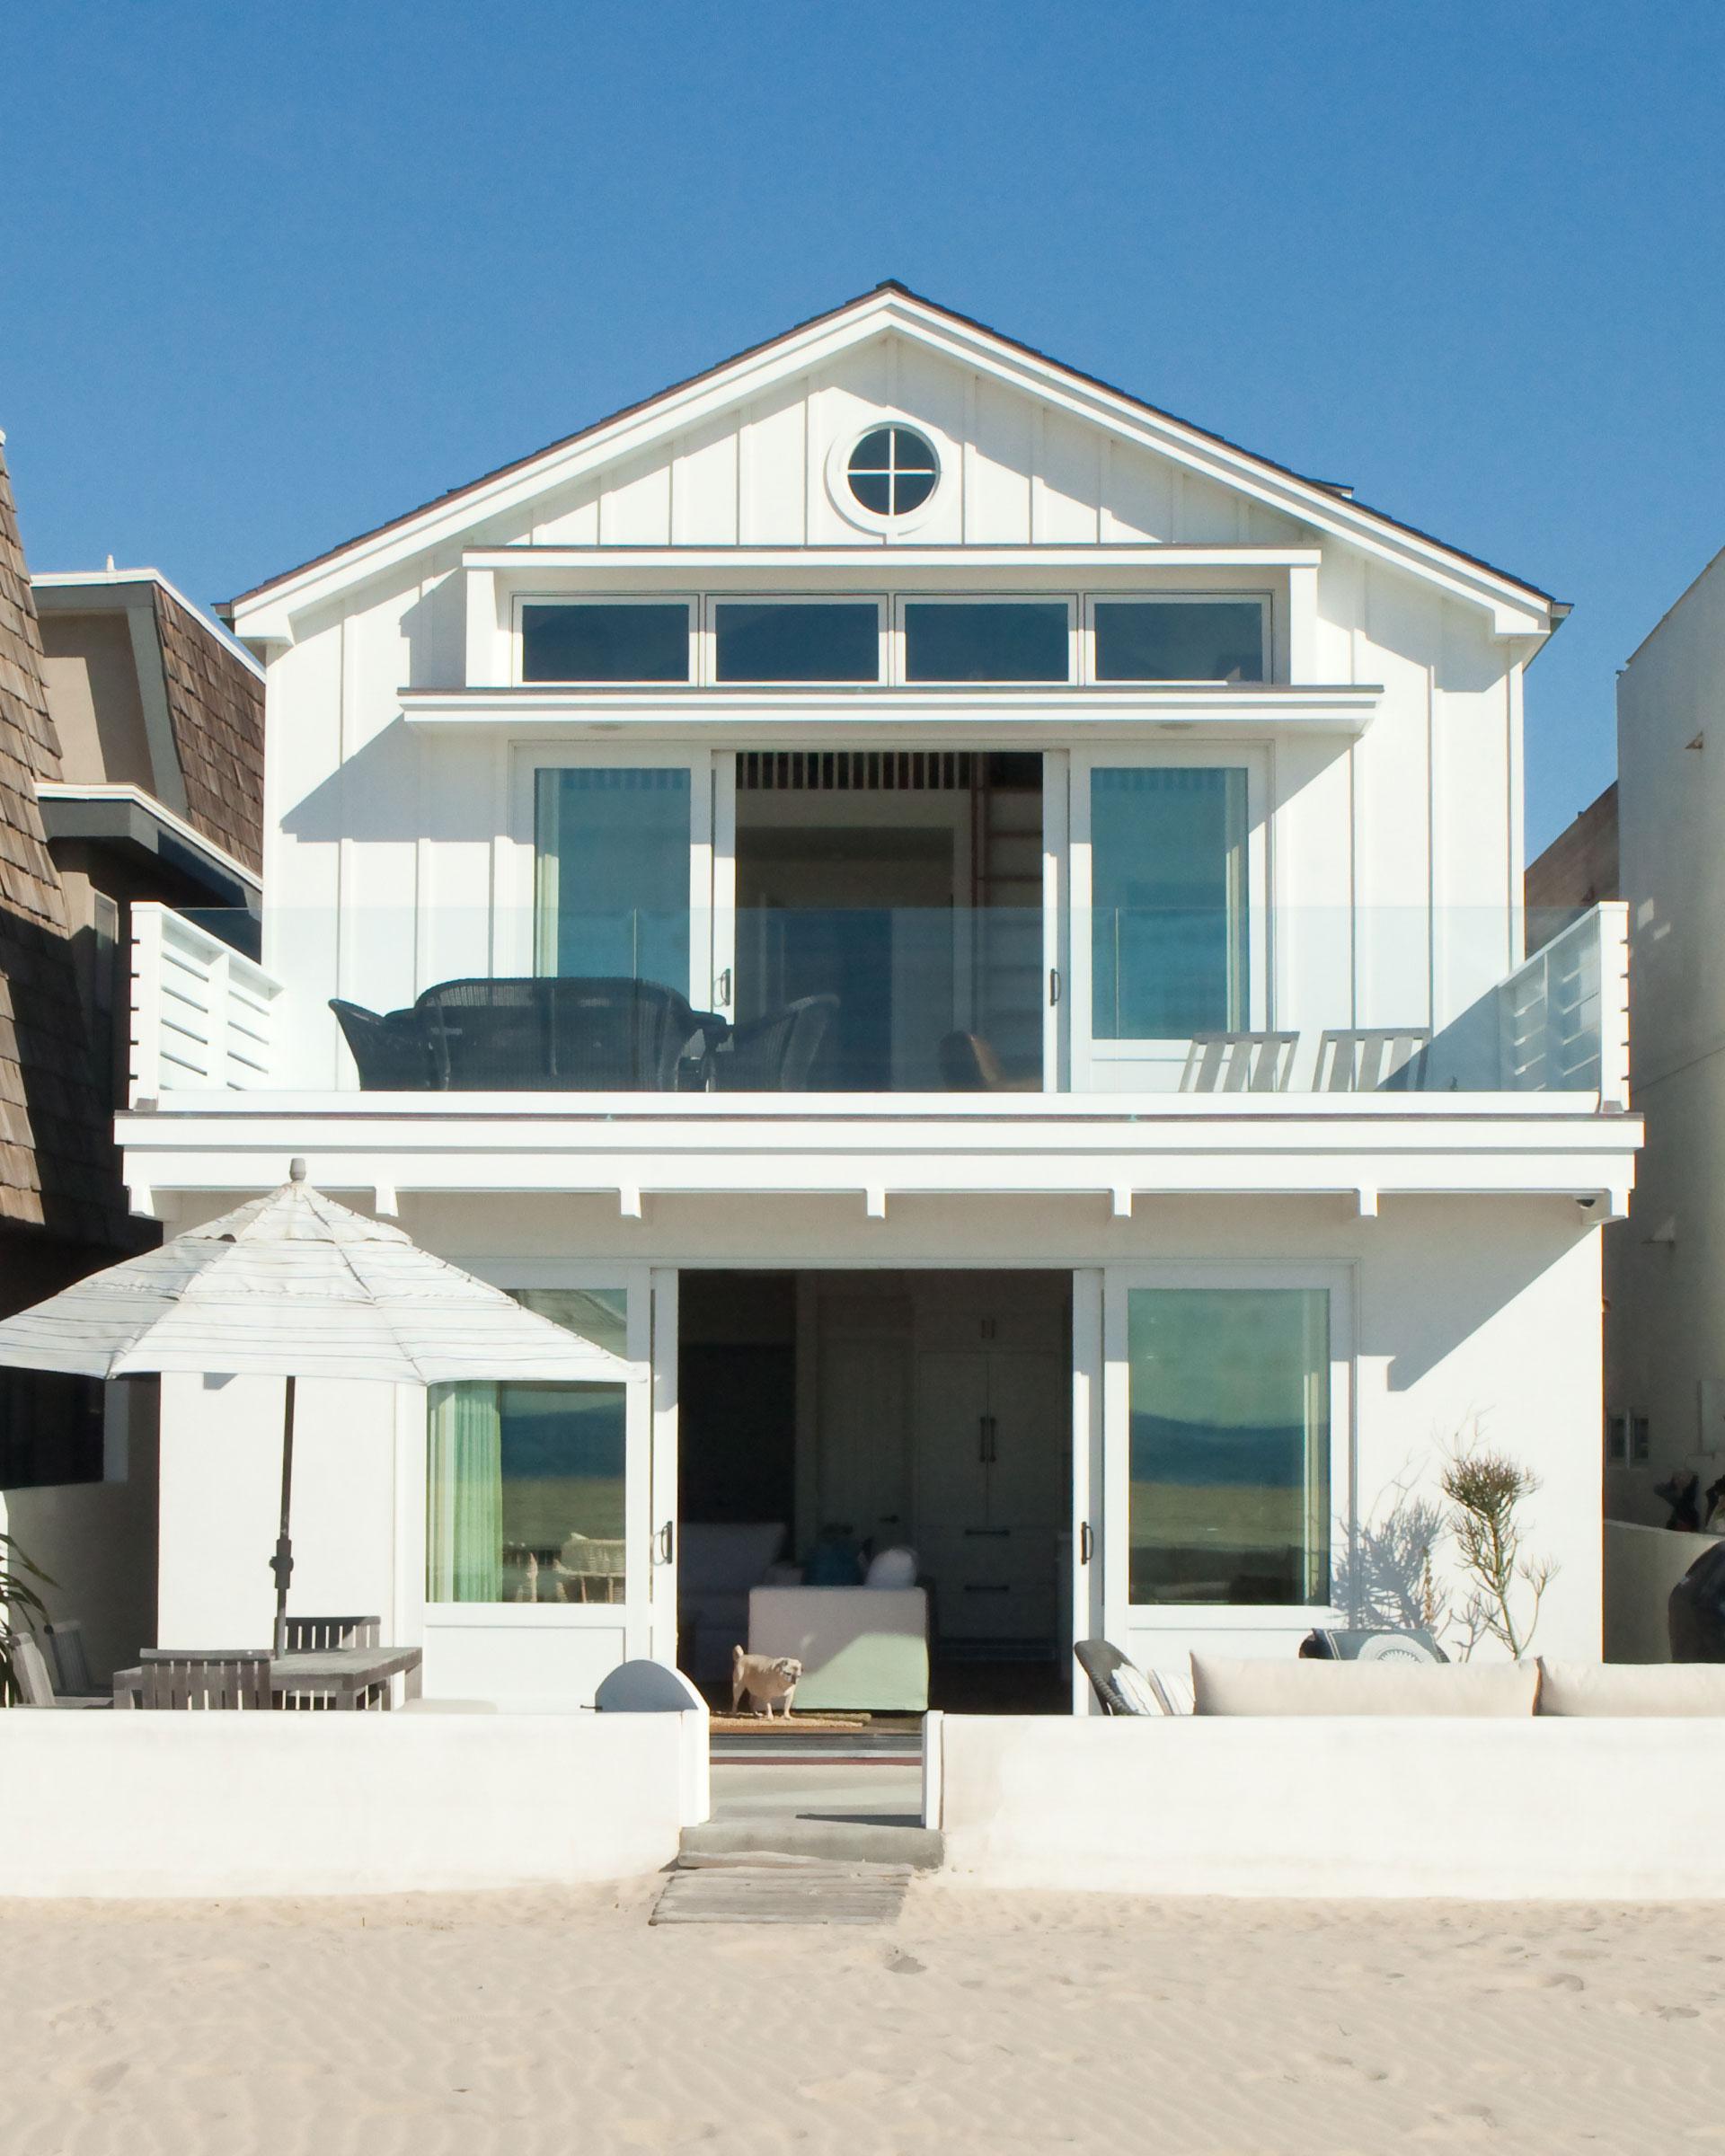 William Guidero designed Newport beach home